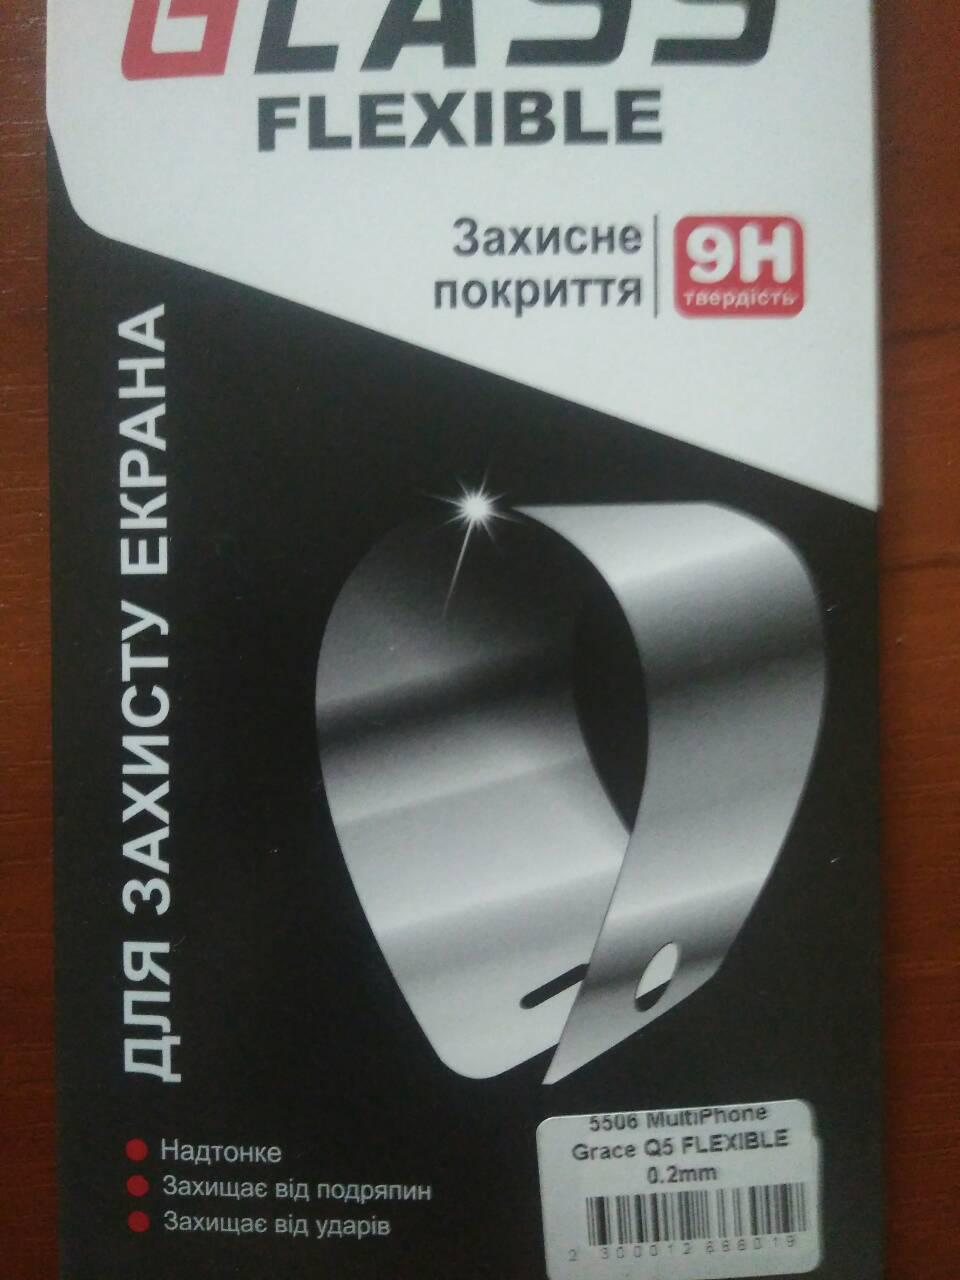 Защитное стекло Prestigio 5508  Grace Q5 (flexible)